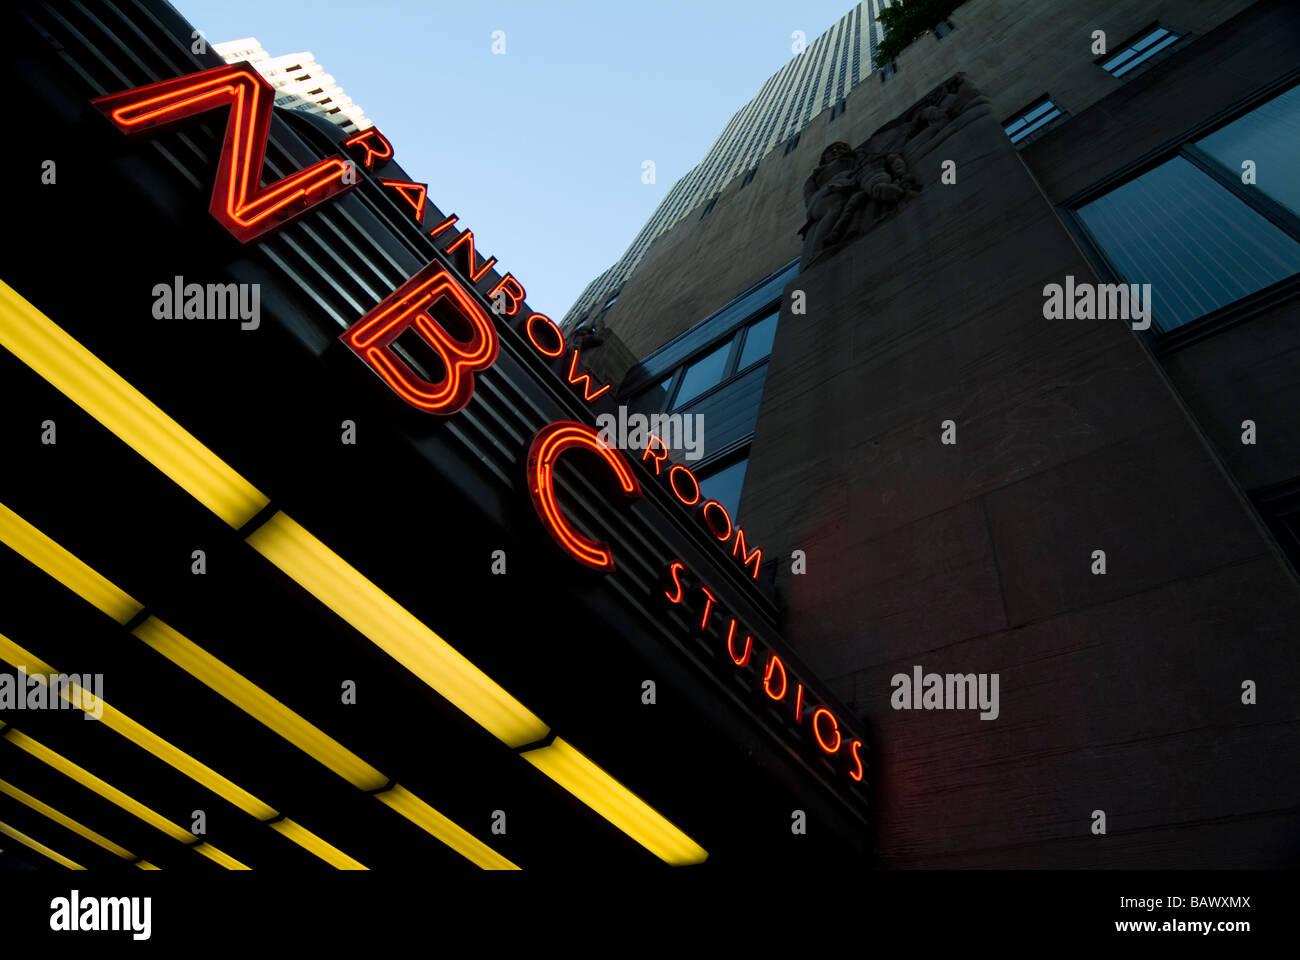 NBC Studios New York - Stock Image